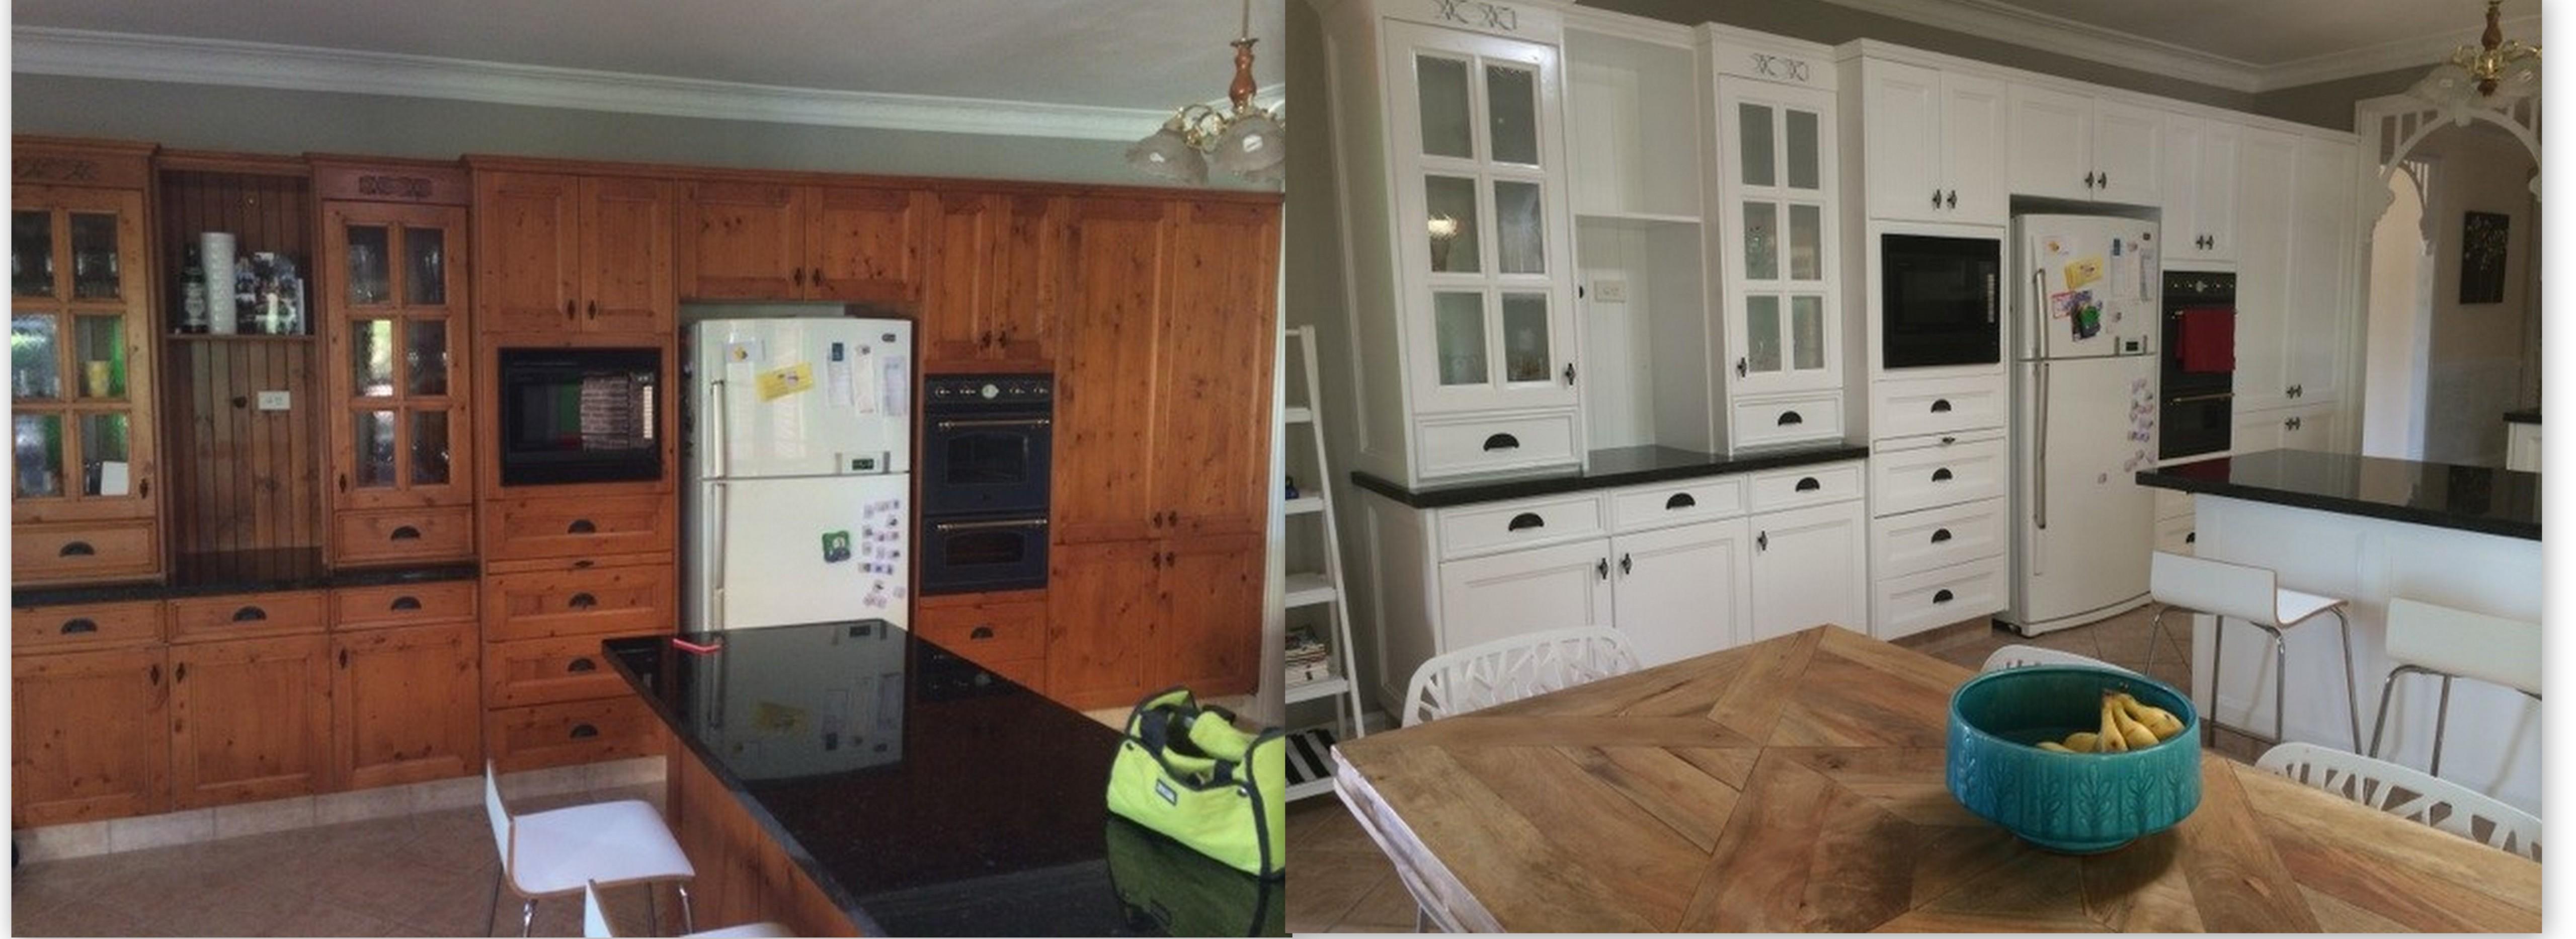 ACR-Kitchen-245880